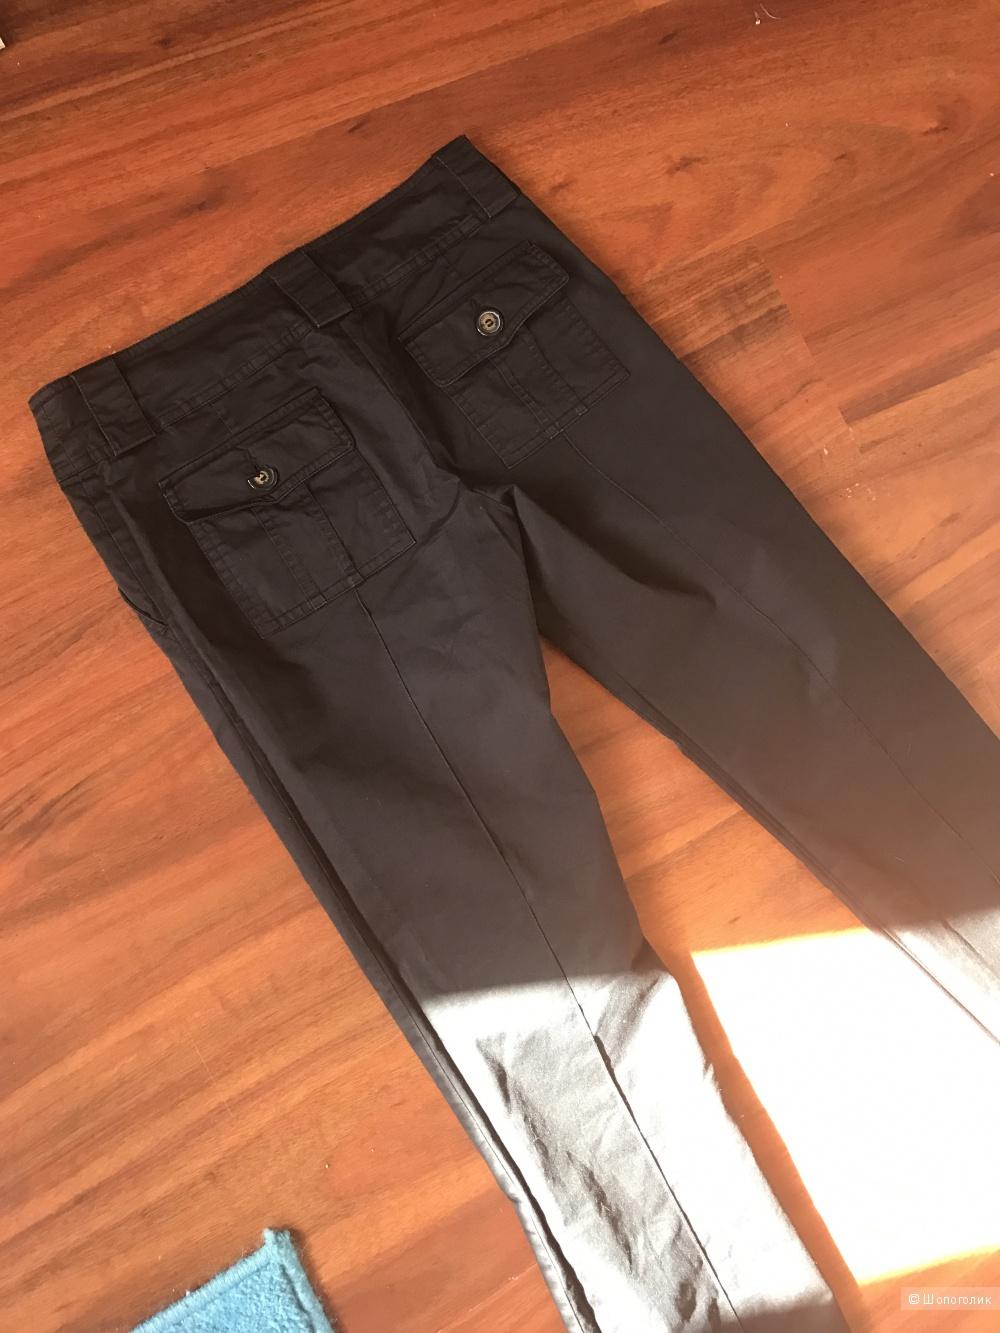 Брюки Burberry серо-чёрные размер M оригинал Италия